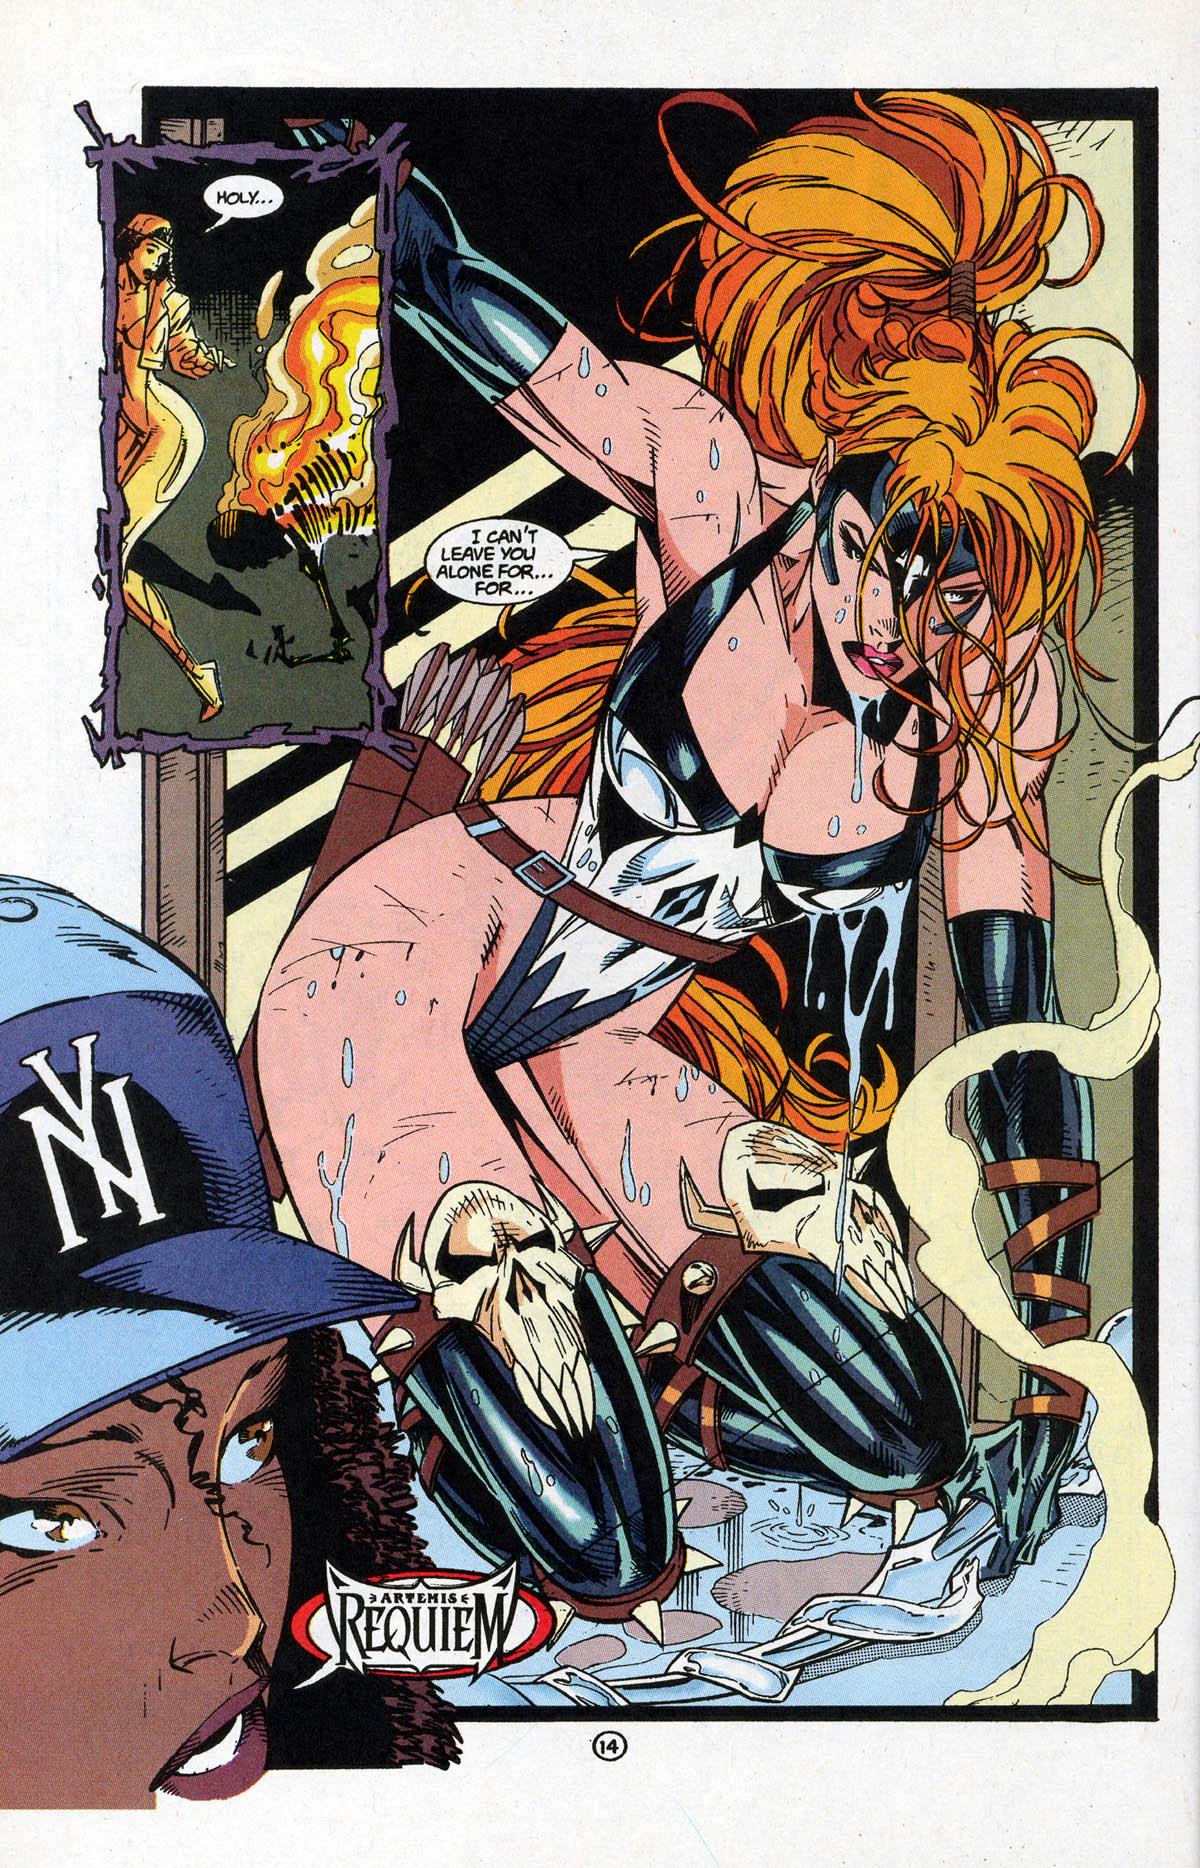 Read online Artemis: Requiem comic -  Issue #3 - 20